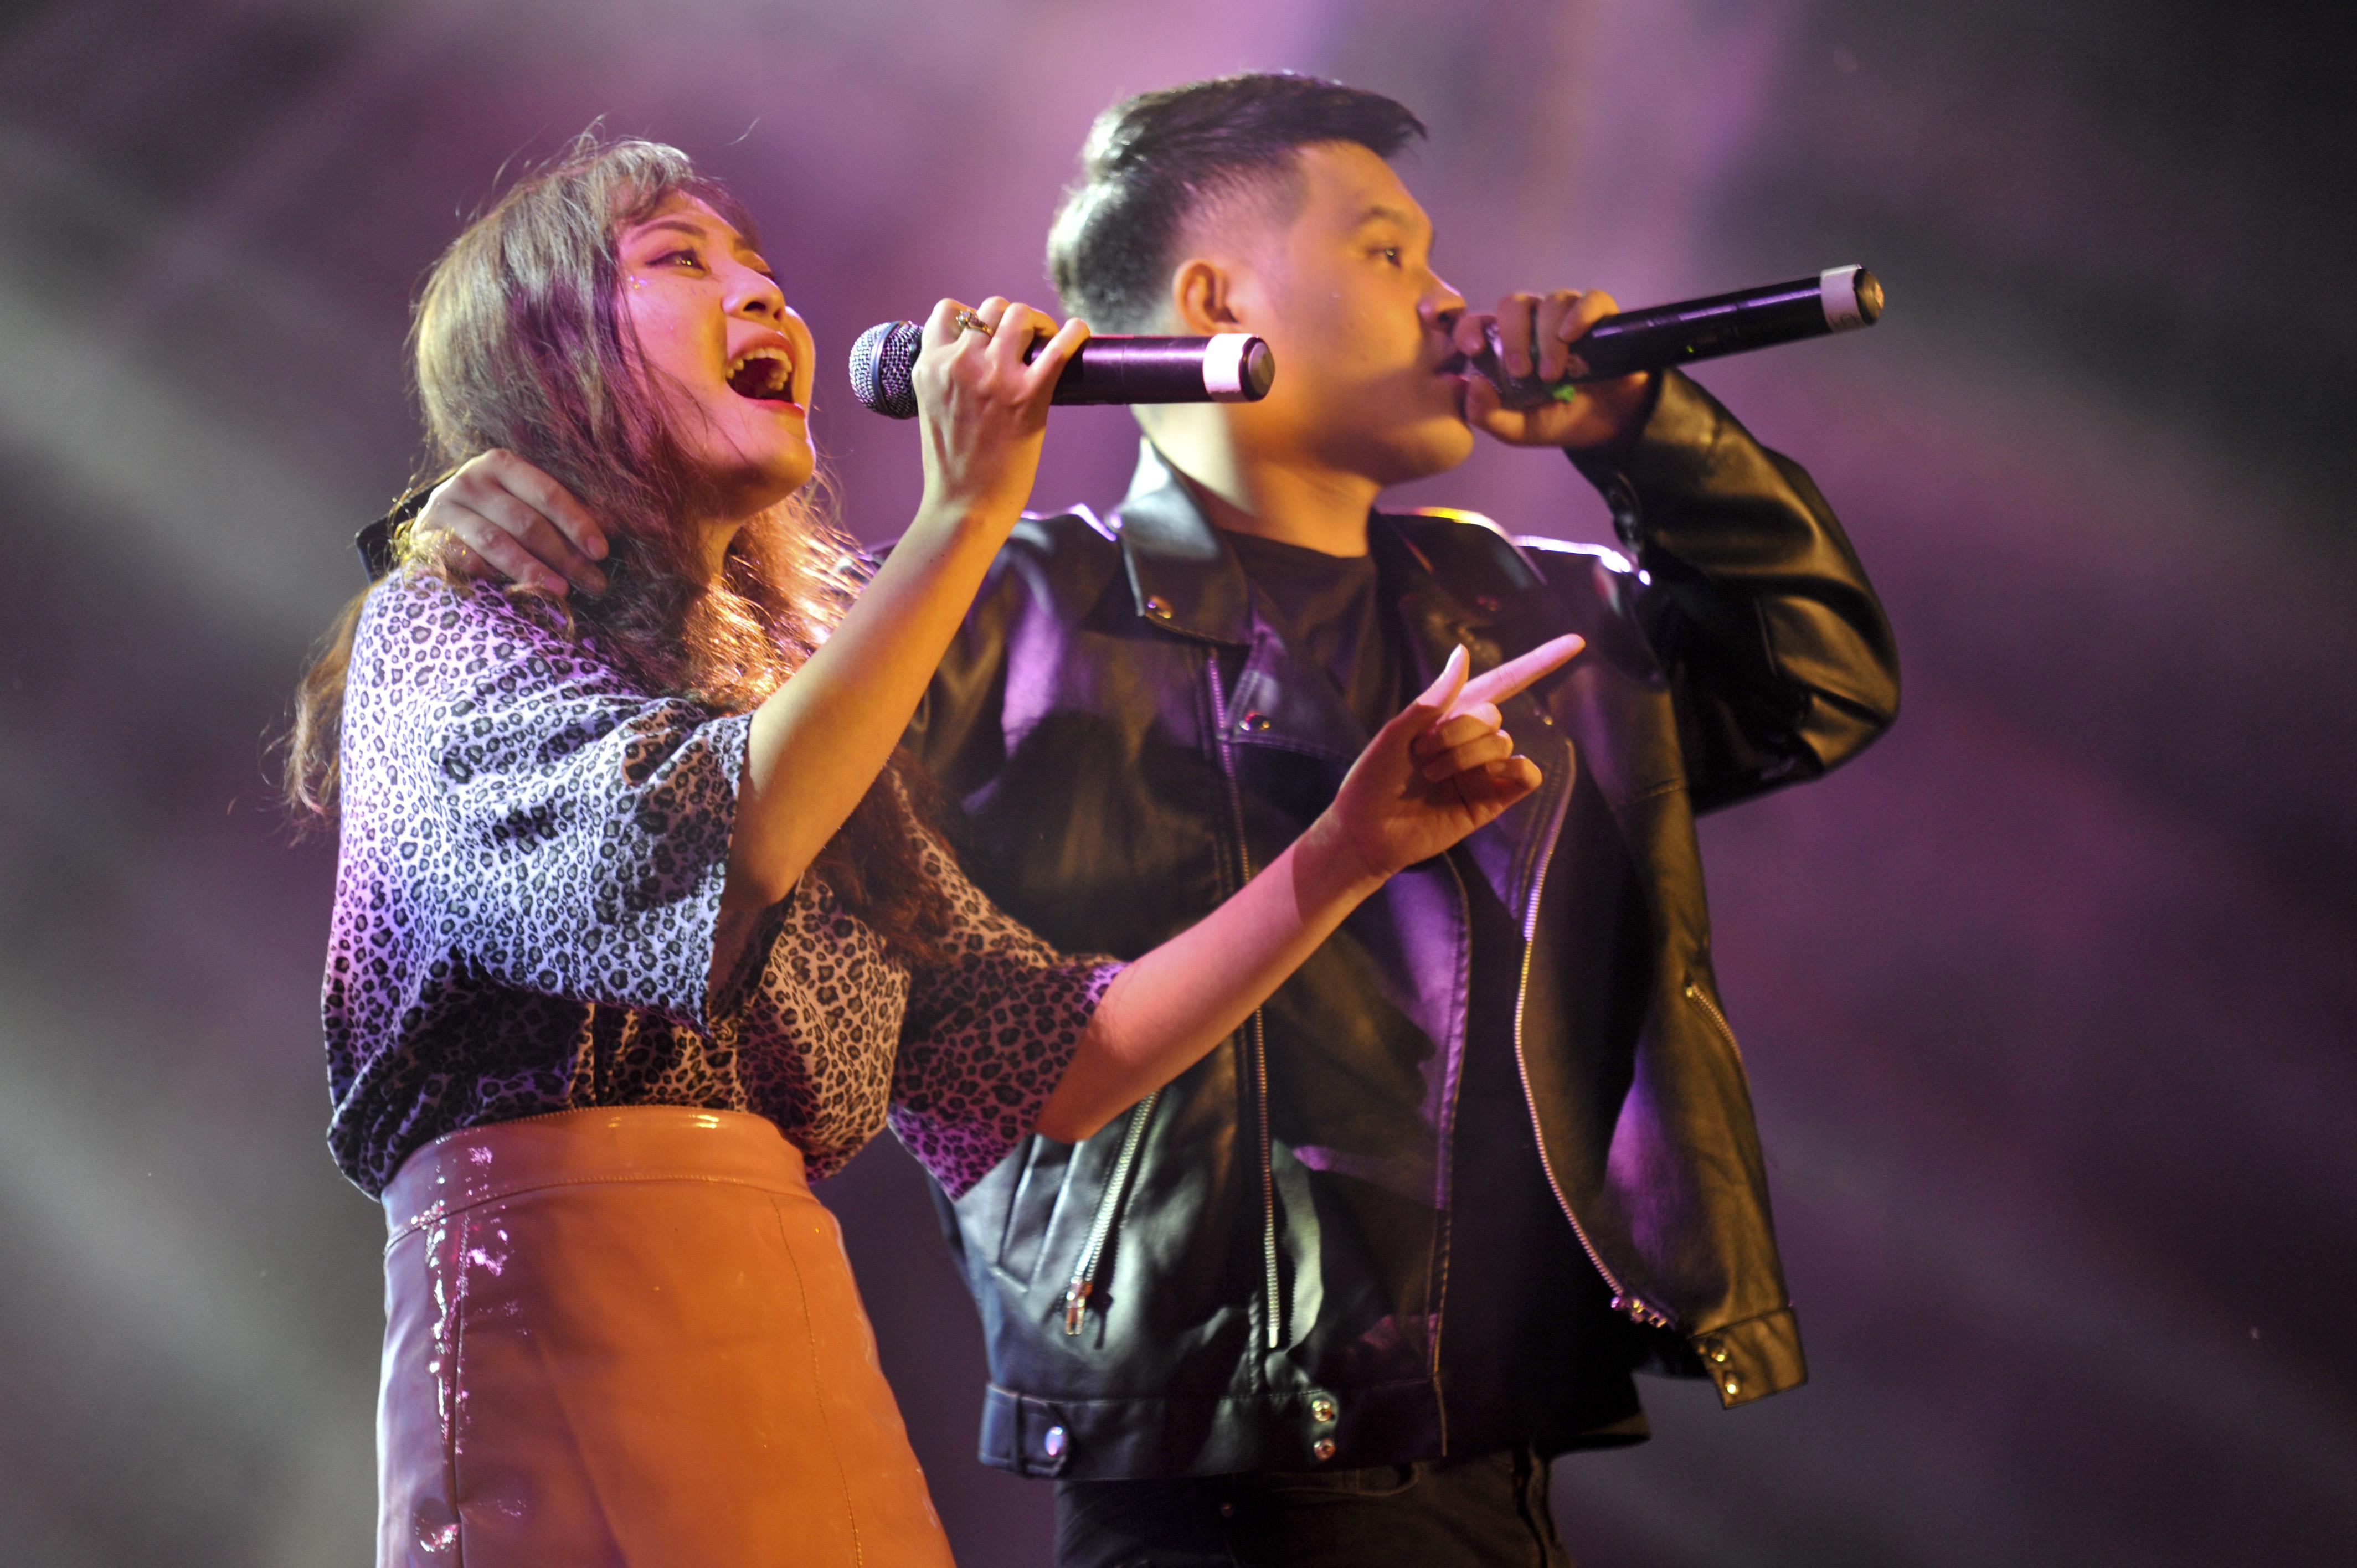 """Cặp đôi """"rất tình"""" Ngô Thanh Tú và Lương Hồng Vân cover ca khúc đang dẫn đầu các bảng xếp hạng """"Mượn rượu tỏ tình""""."""